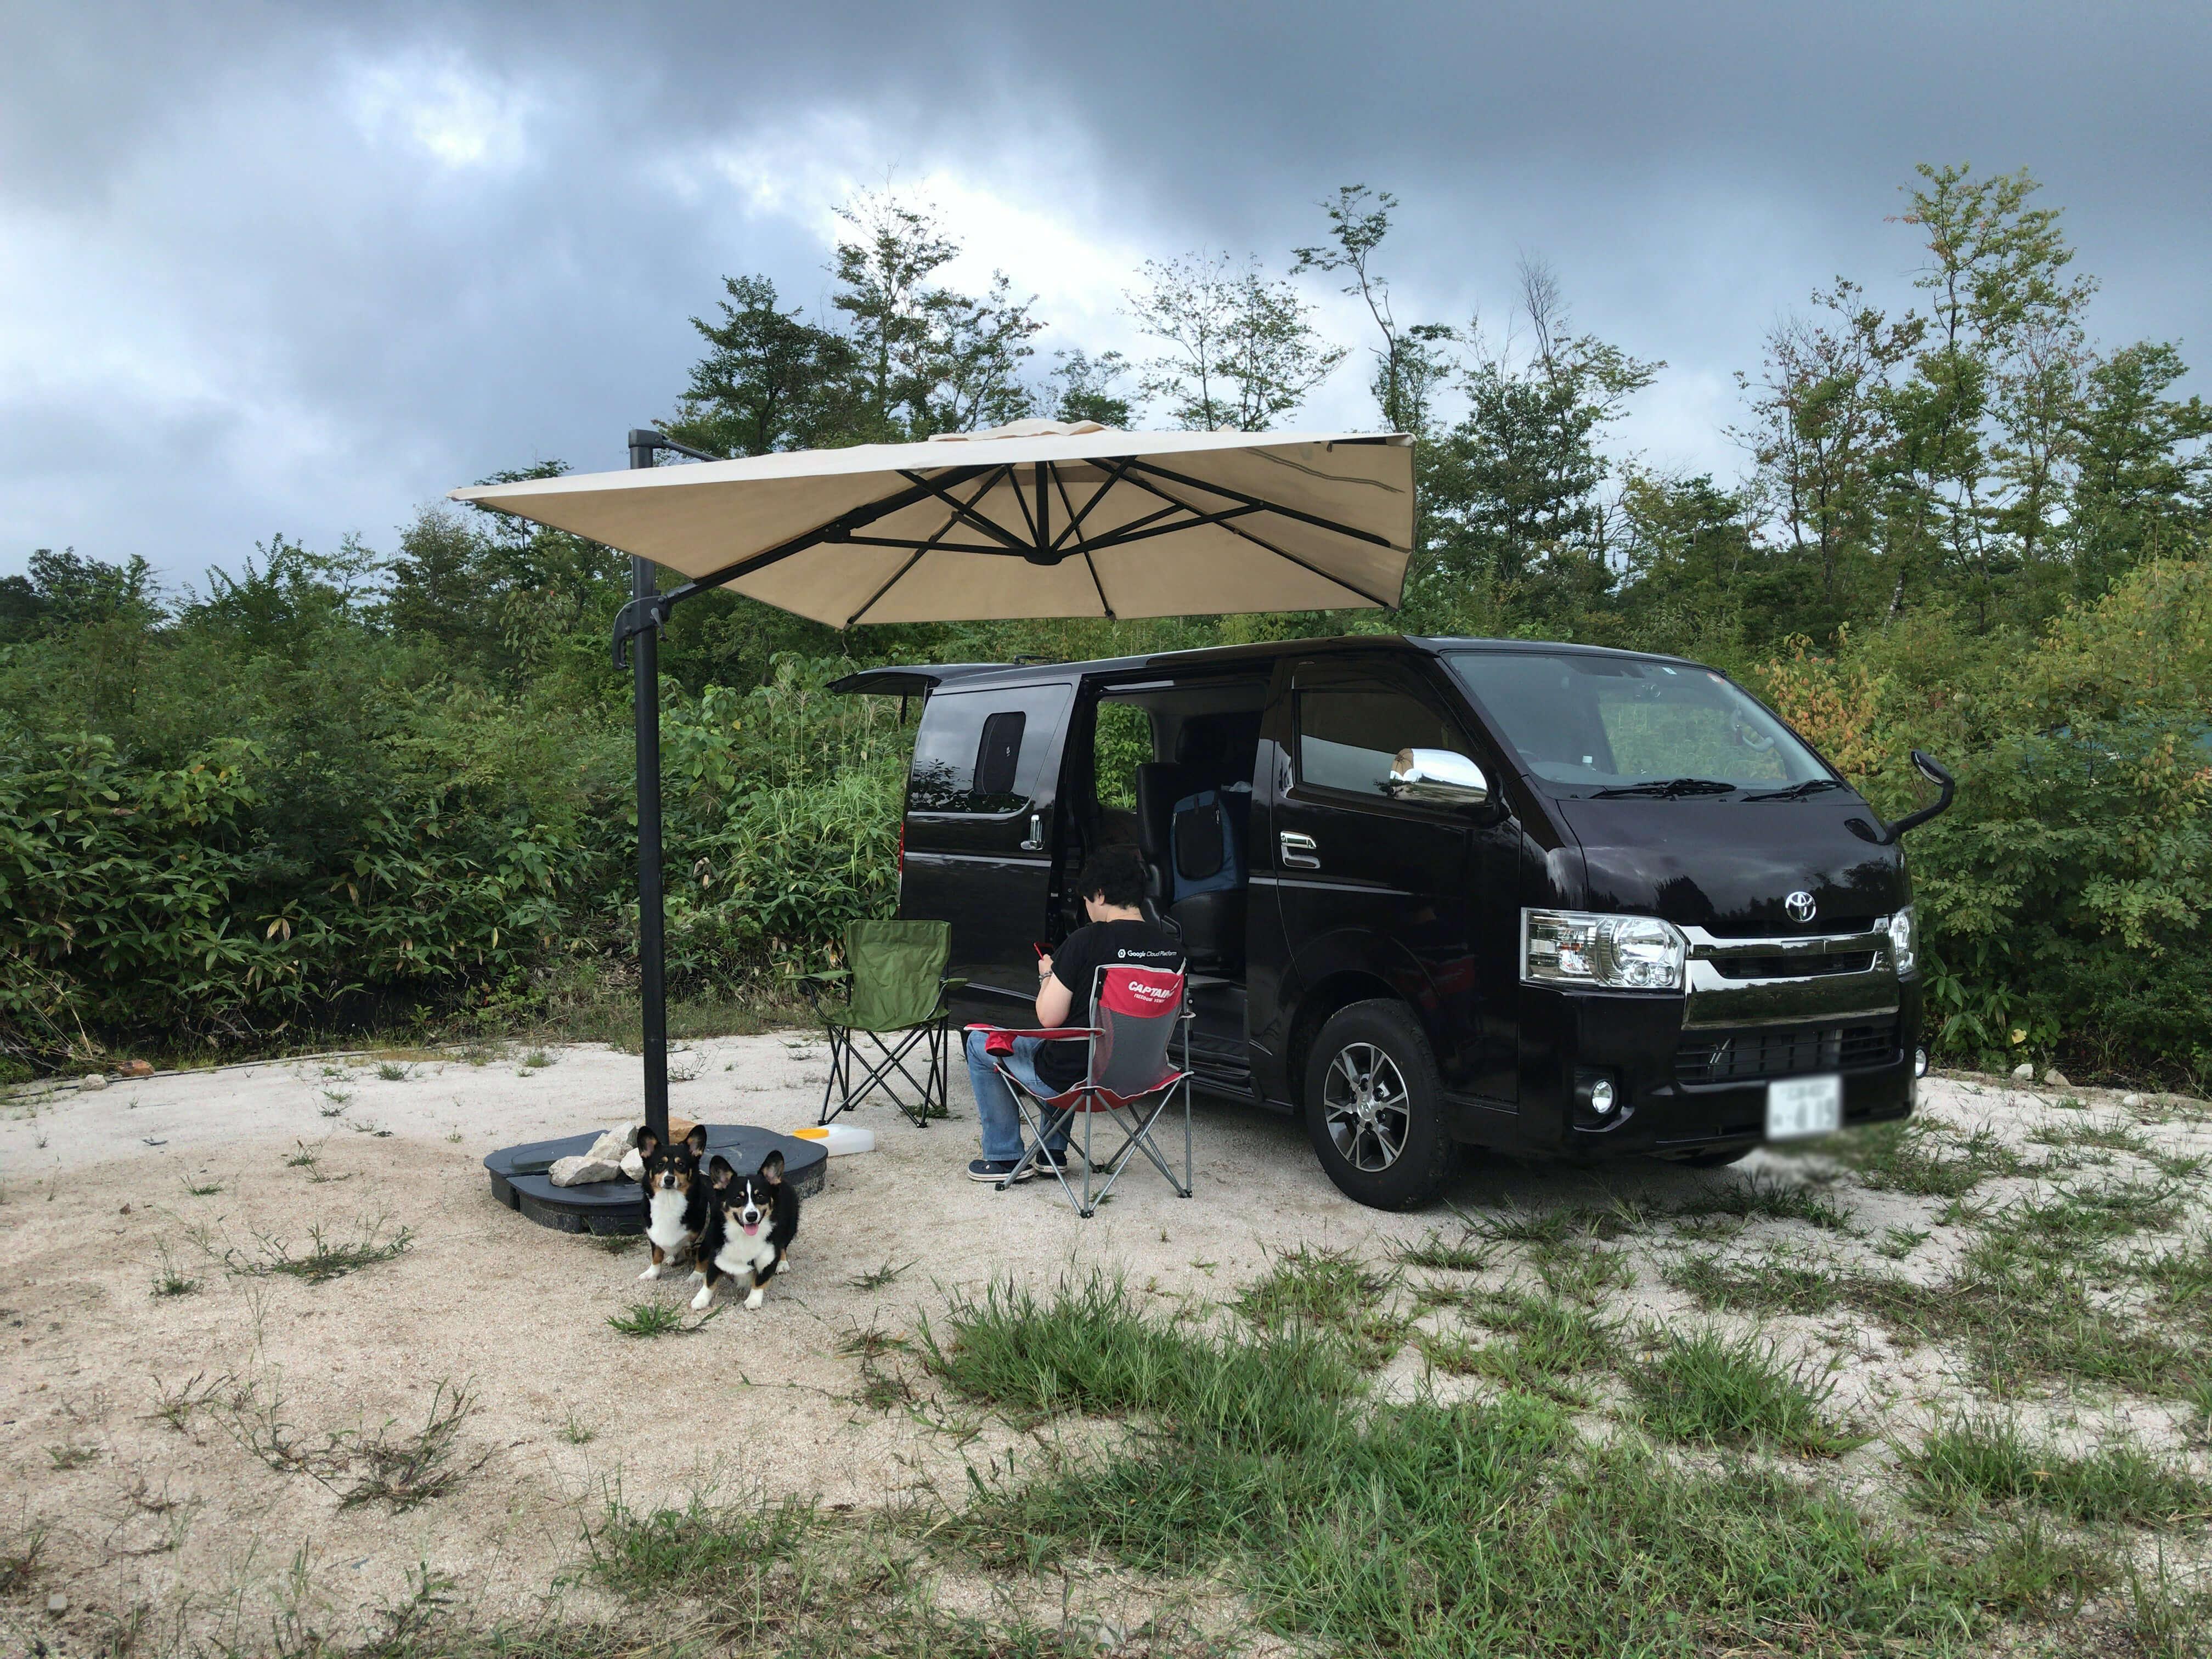 大山オートキャンプ場の区画内に専用タープ